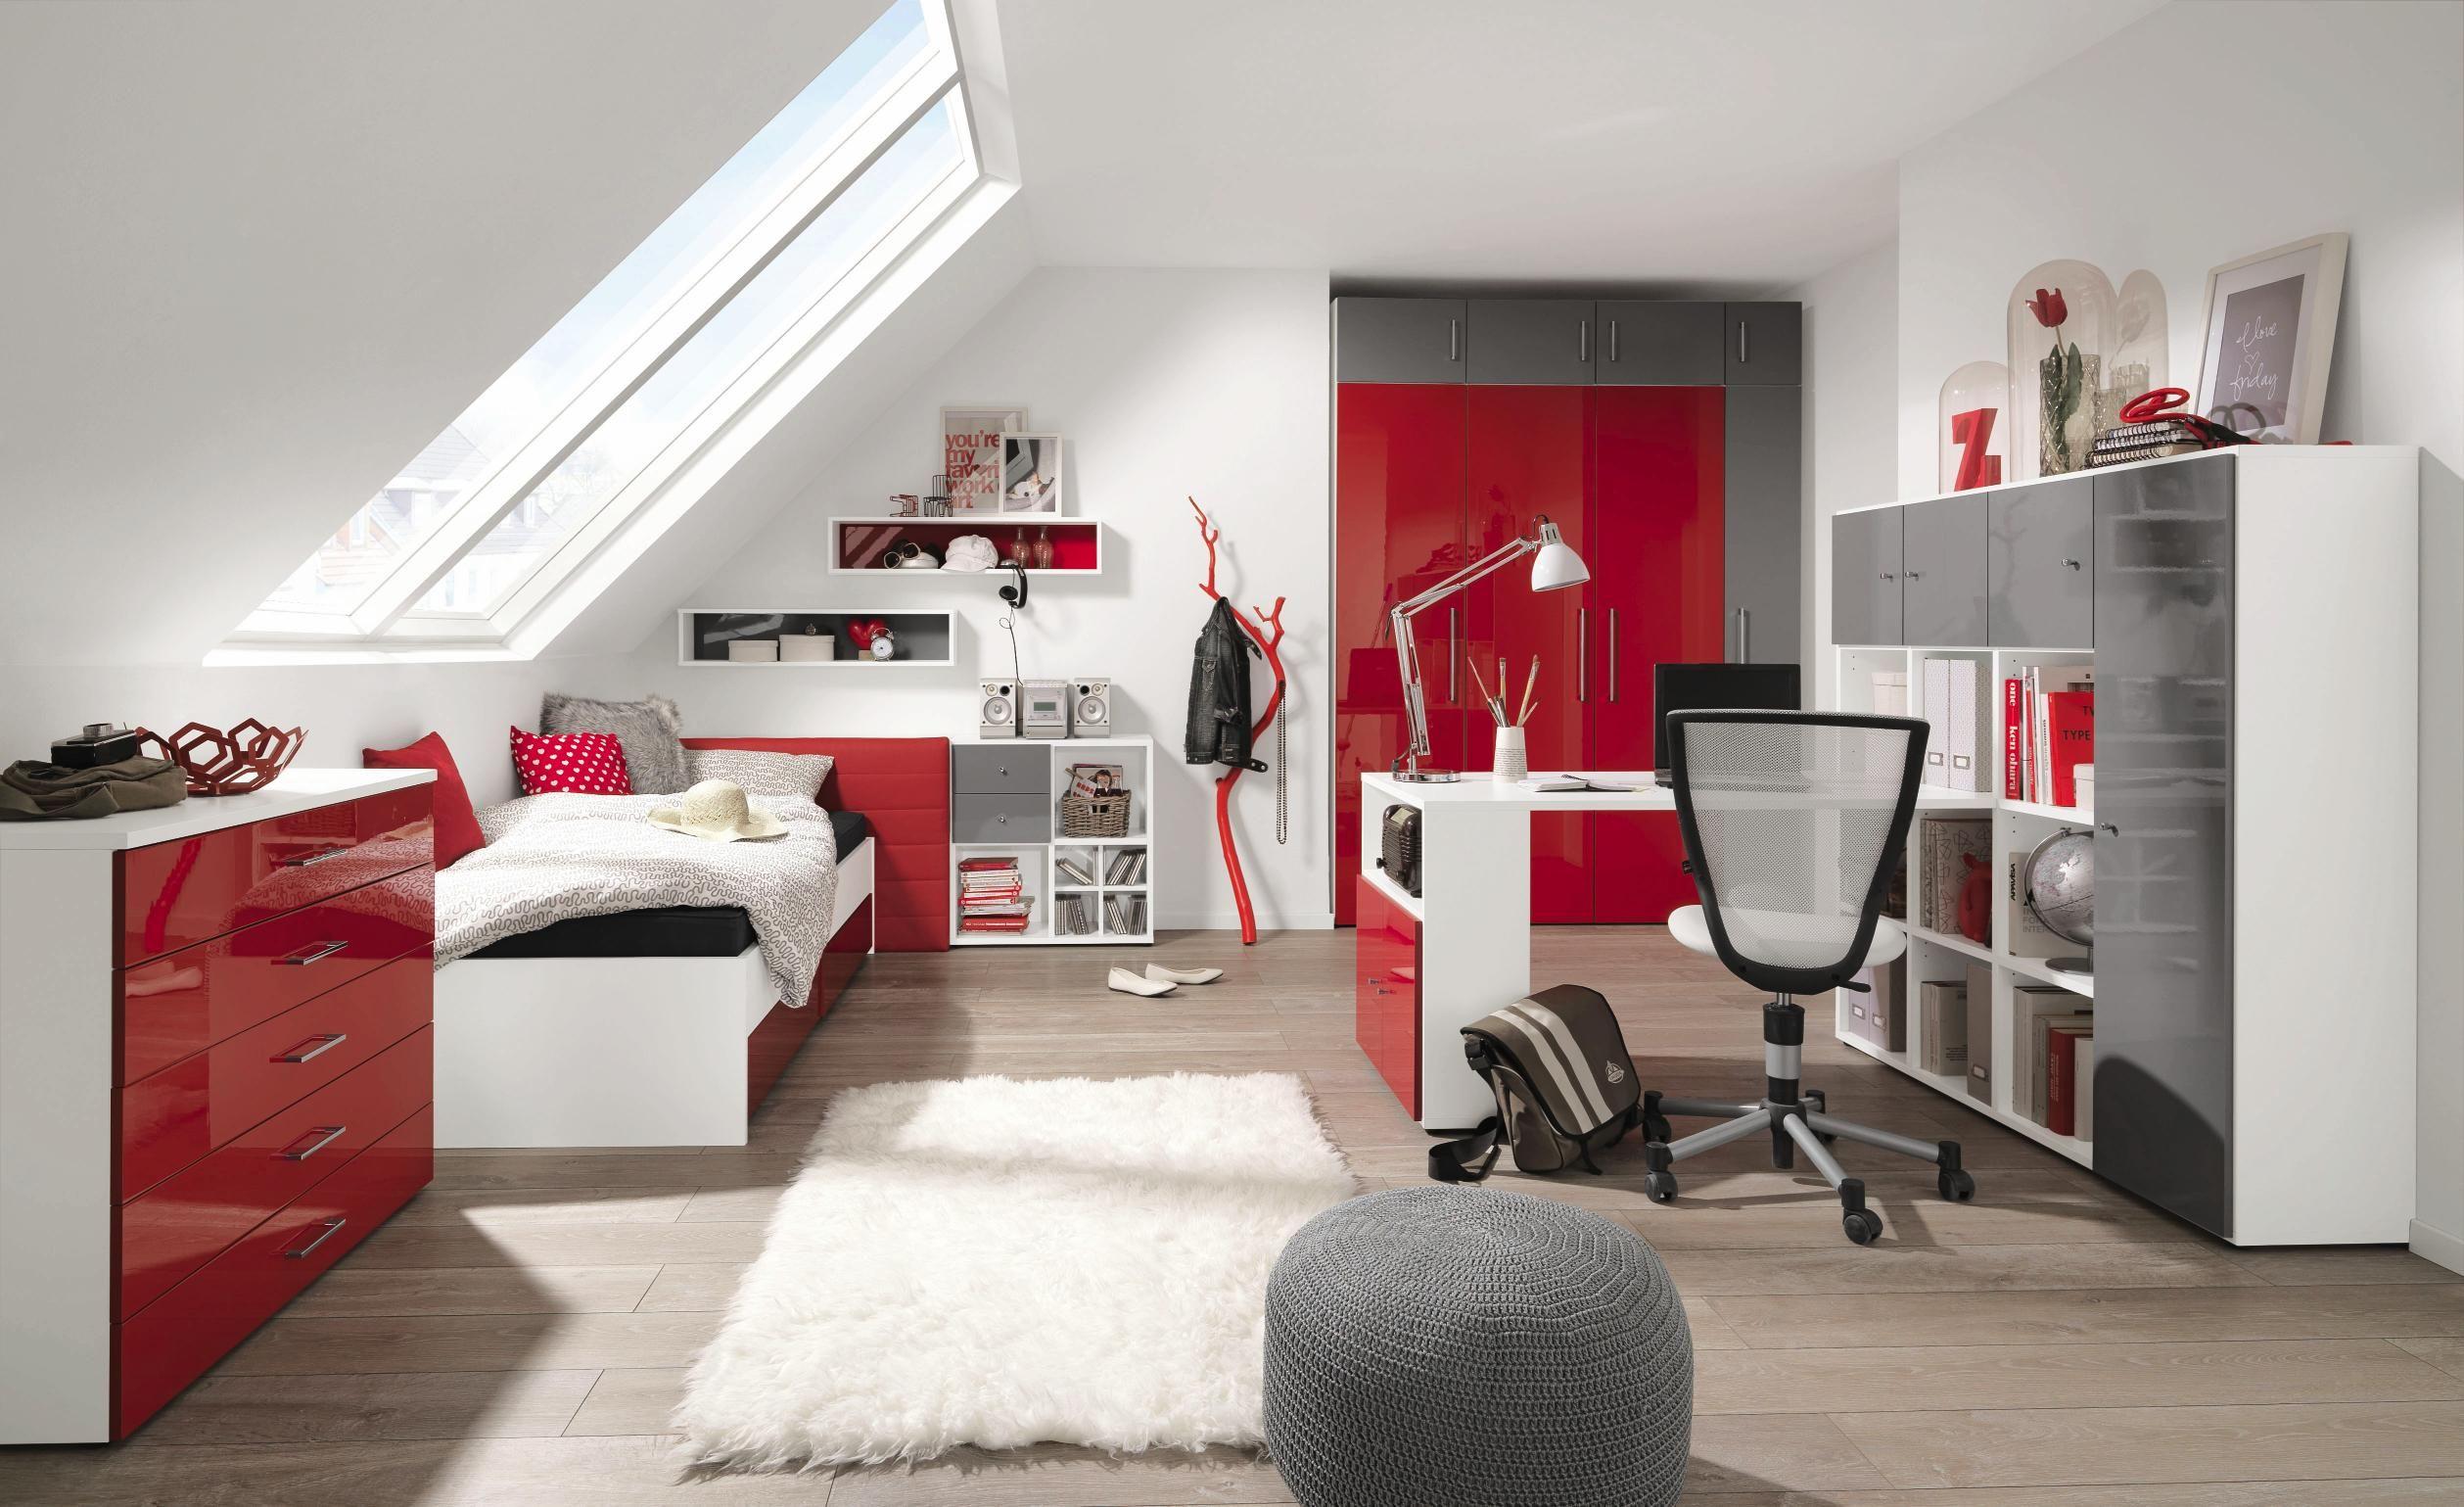 Bett In Weiss Und Rot Von Welnova Modernes Design Fur Jugendzimmer Jugendzimmer Loft Betten Haus Deko